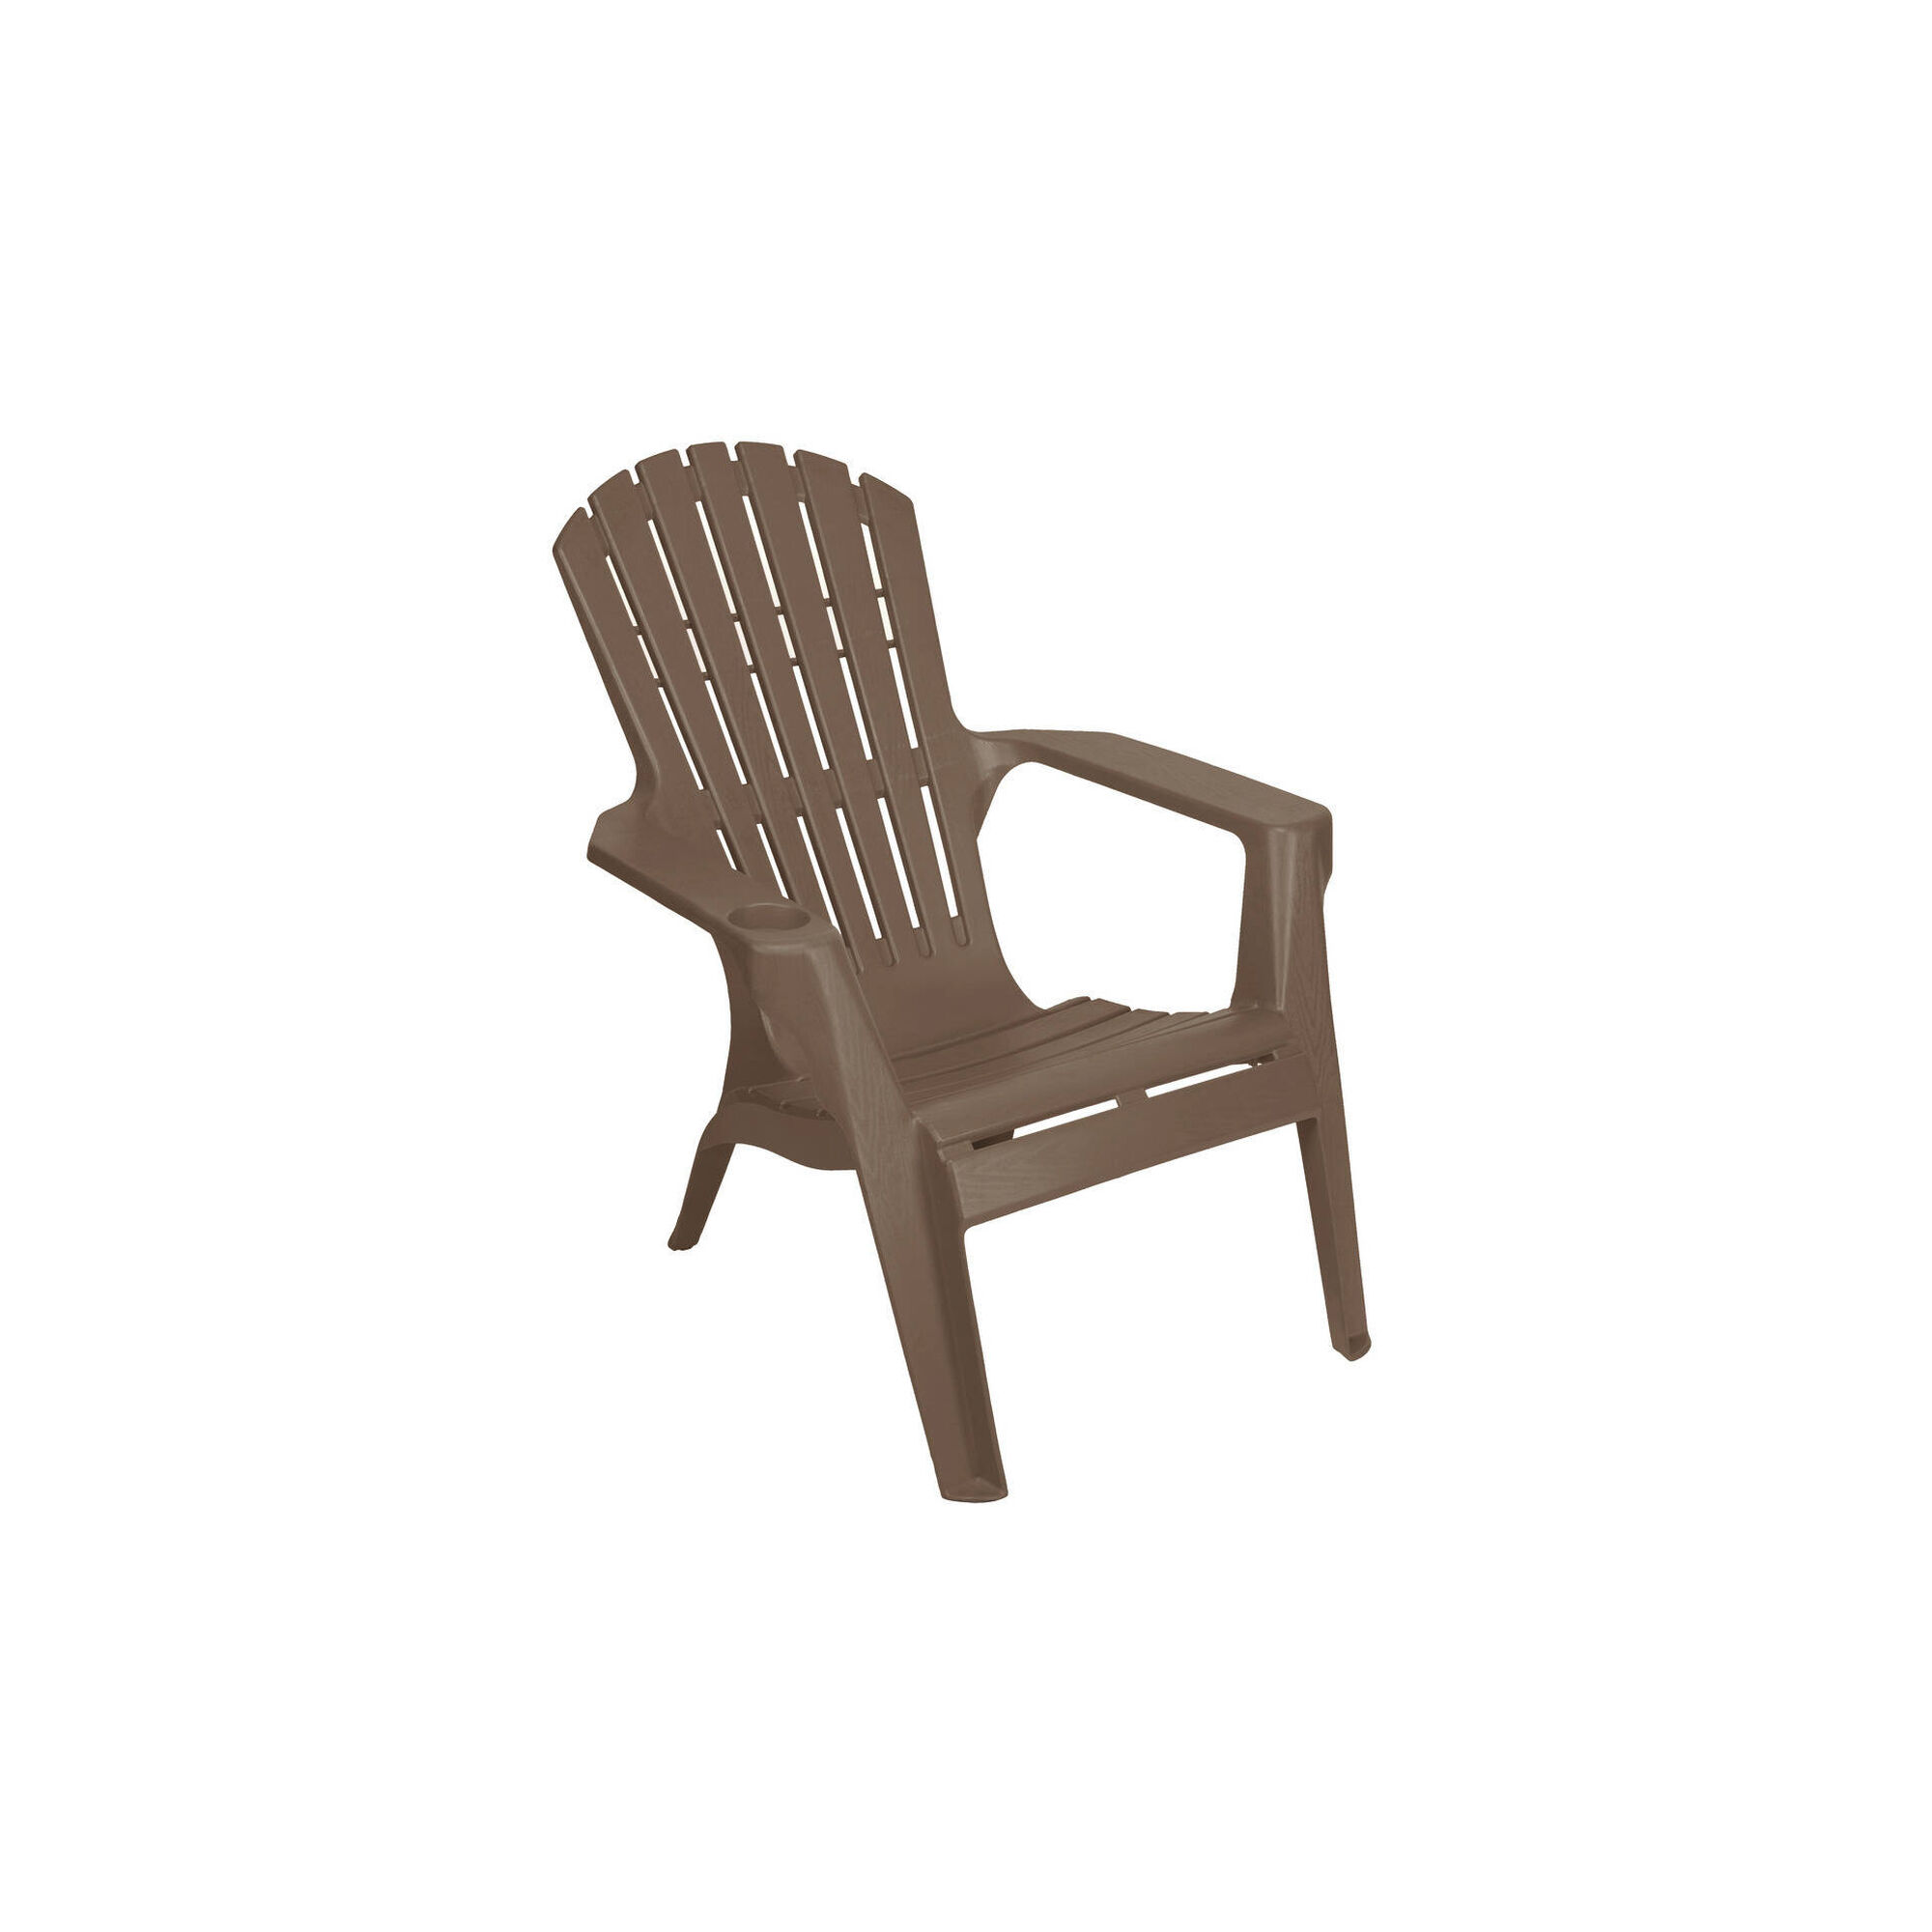 Cadeira de Praia Castanha Farmer